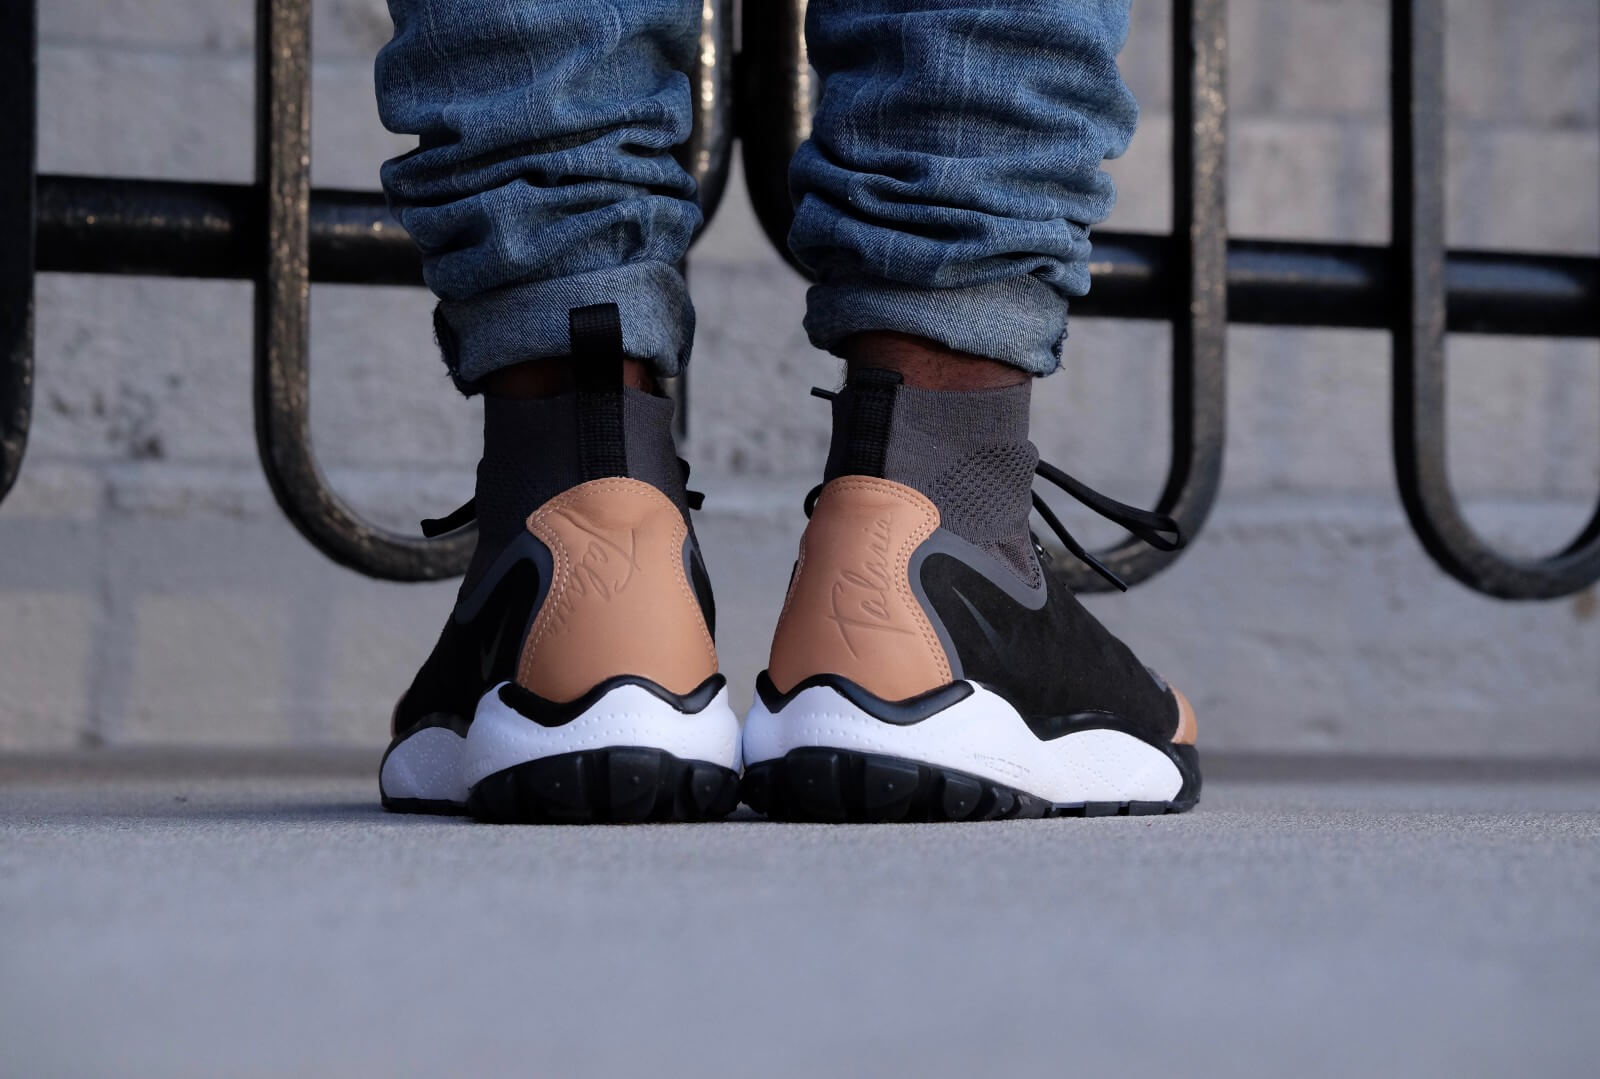 36ec0414b1f ... Nike Air Zoom Talaria Mid Flyknit PRM Anthraciteblack-vachetta tan-dark  grey ...